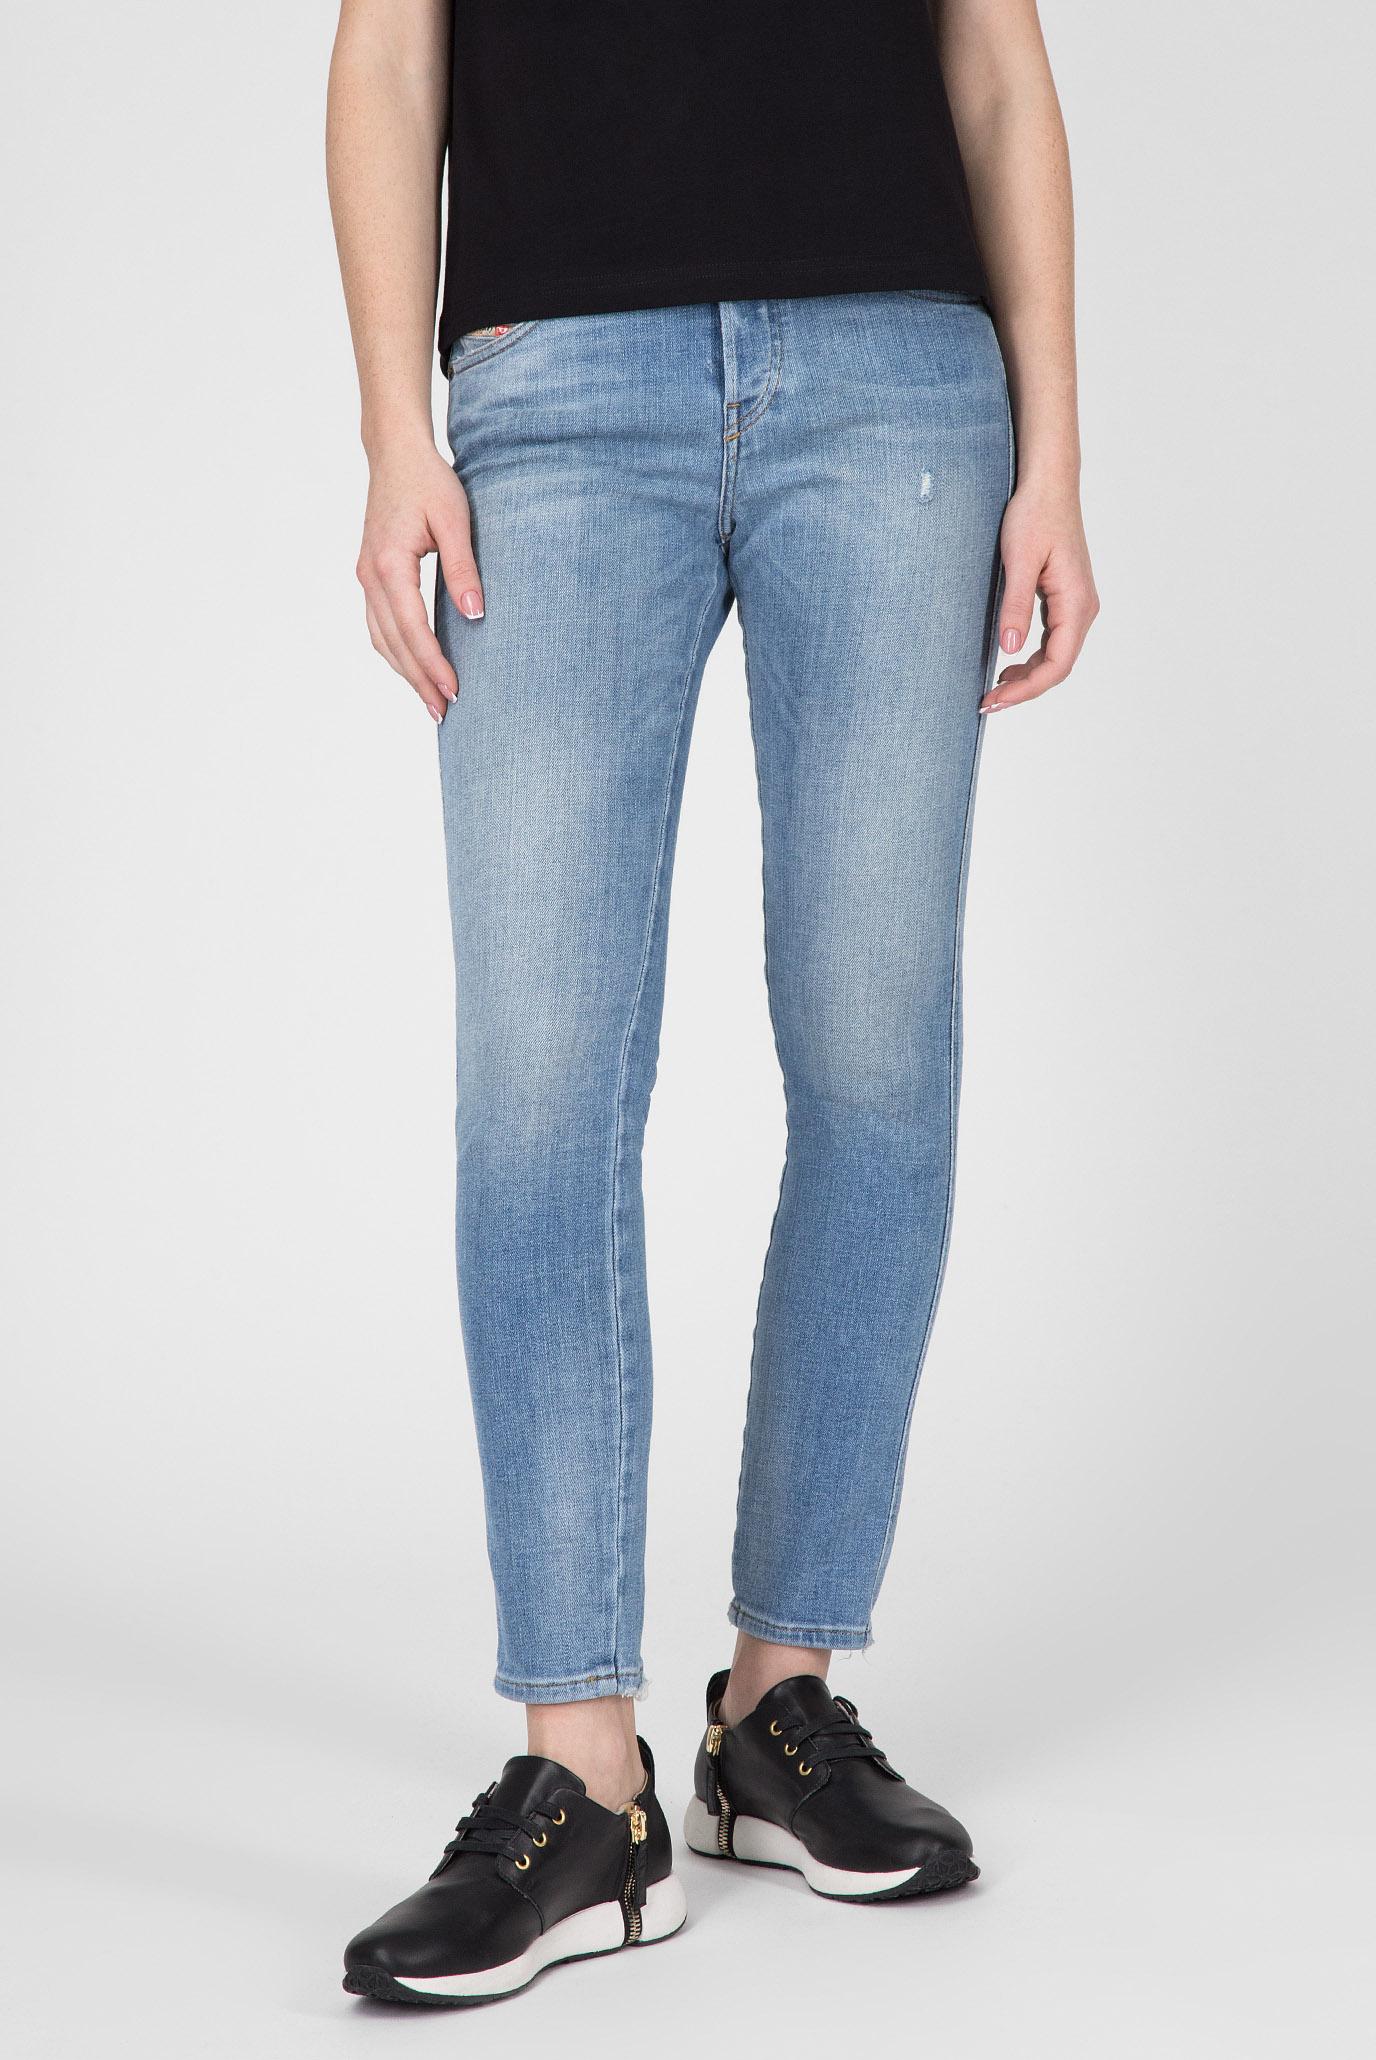 Купить Женские голубые джинсы BABHILA Diesel Diesel 00S7LY 086AW – Киев, Украина. Цены в интернет магазине MD Fashion